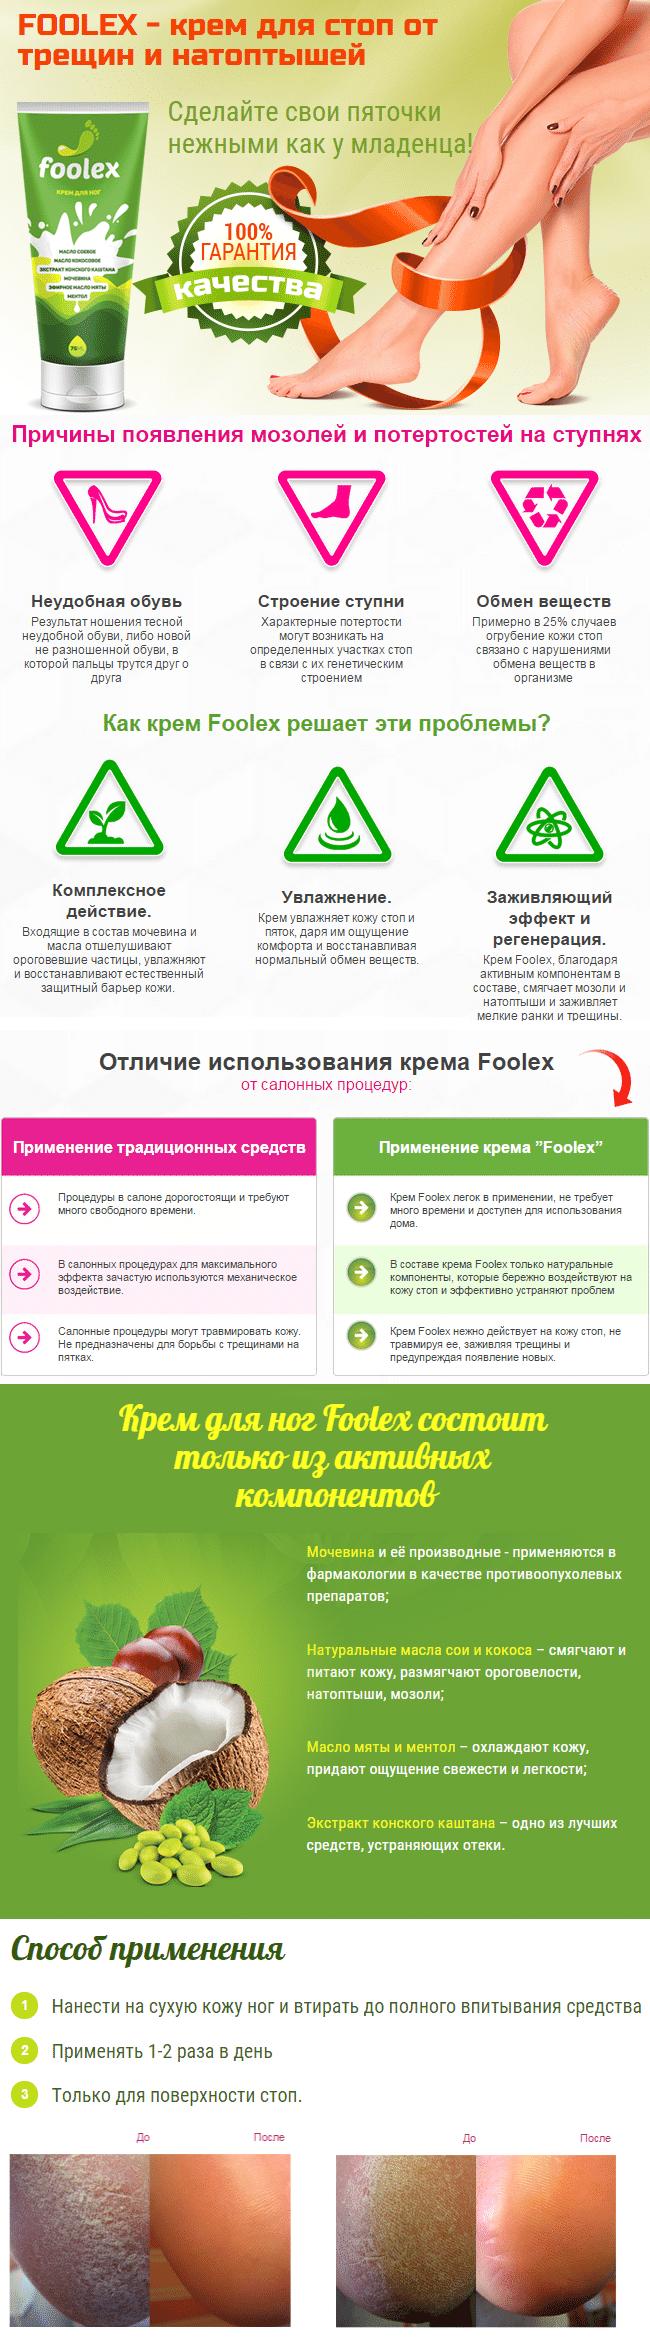 Крем Foolex купить